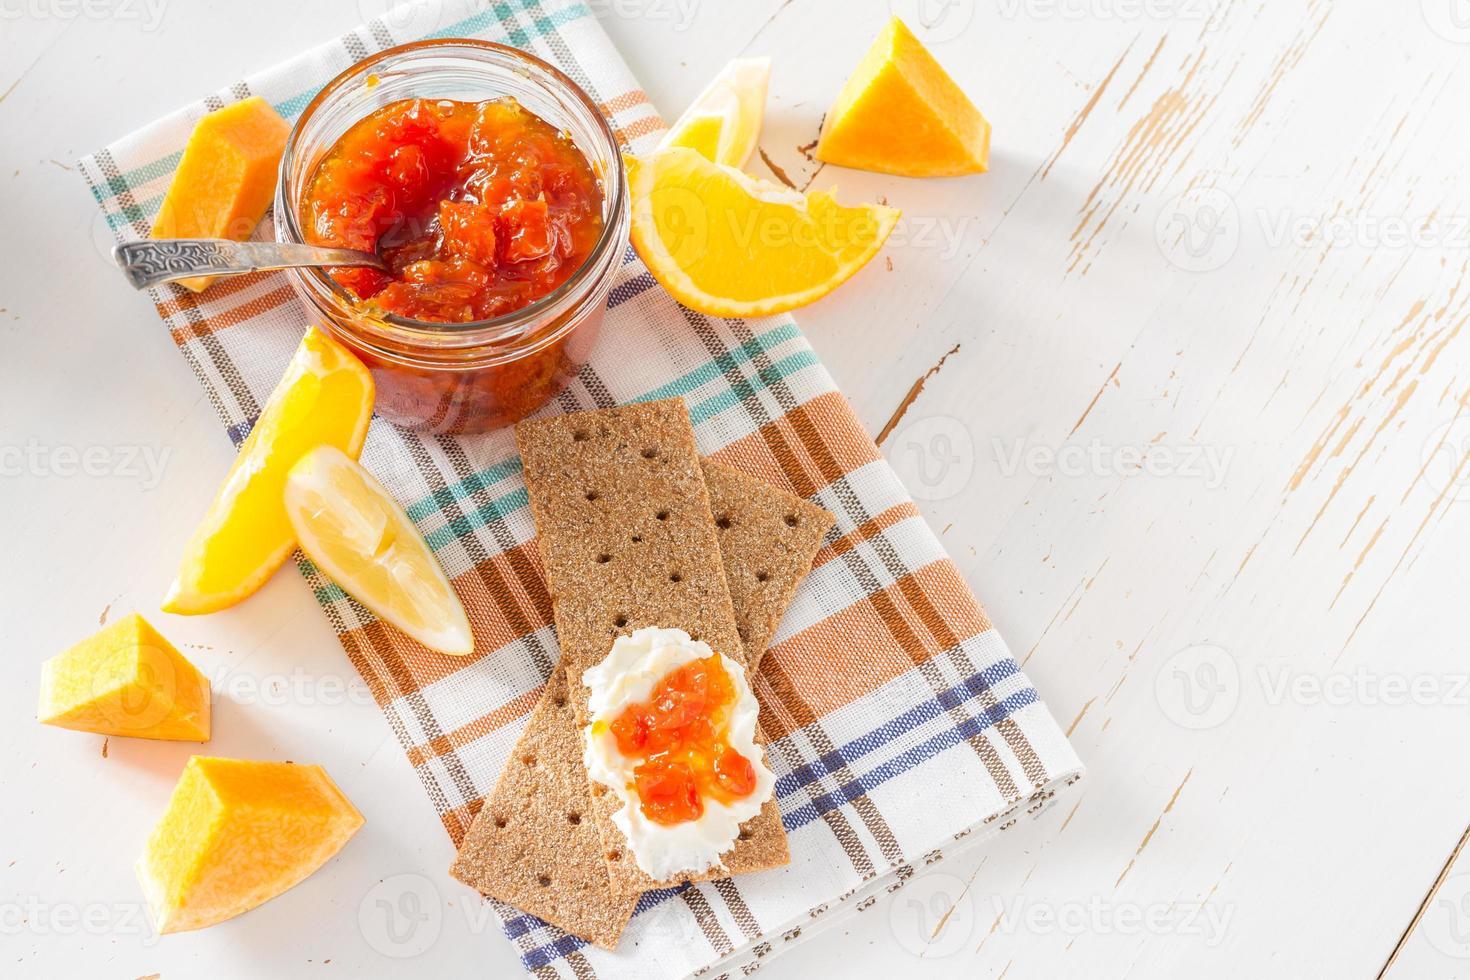 Marmelade im Glas mit Zutaten und knusprigem Brot foto